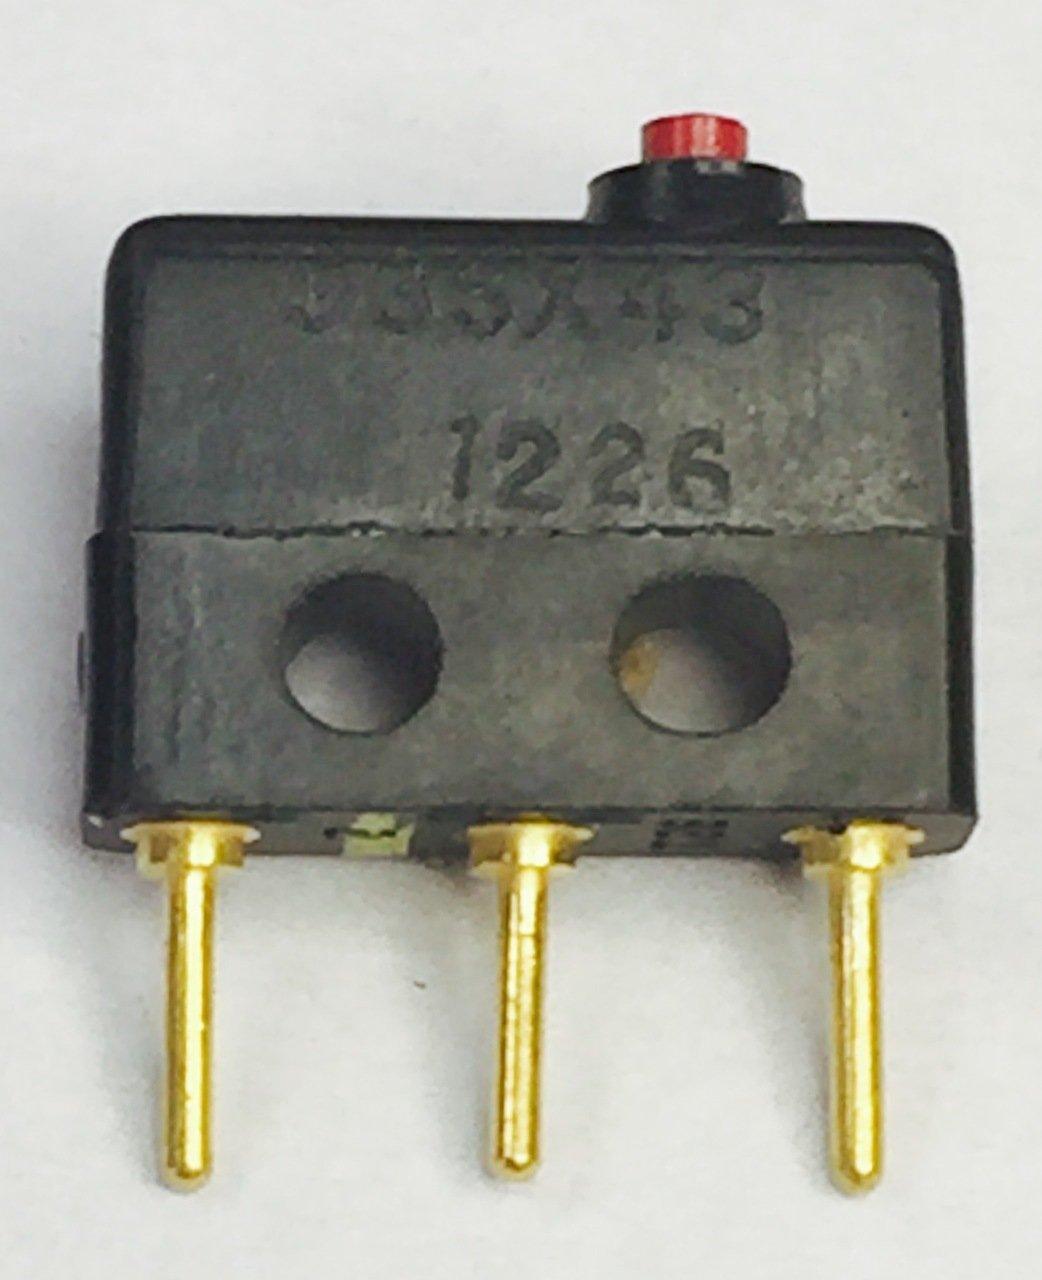 12SM4-T2 Switch SNAP Action SPDT 1A 125V